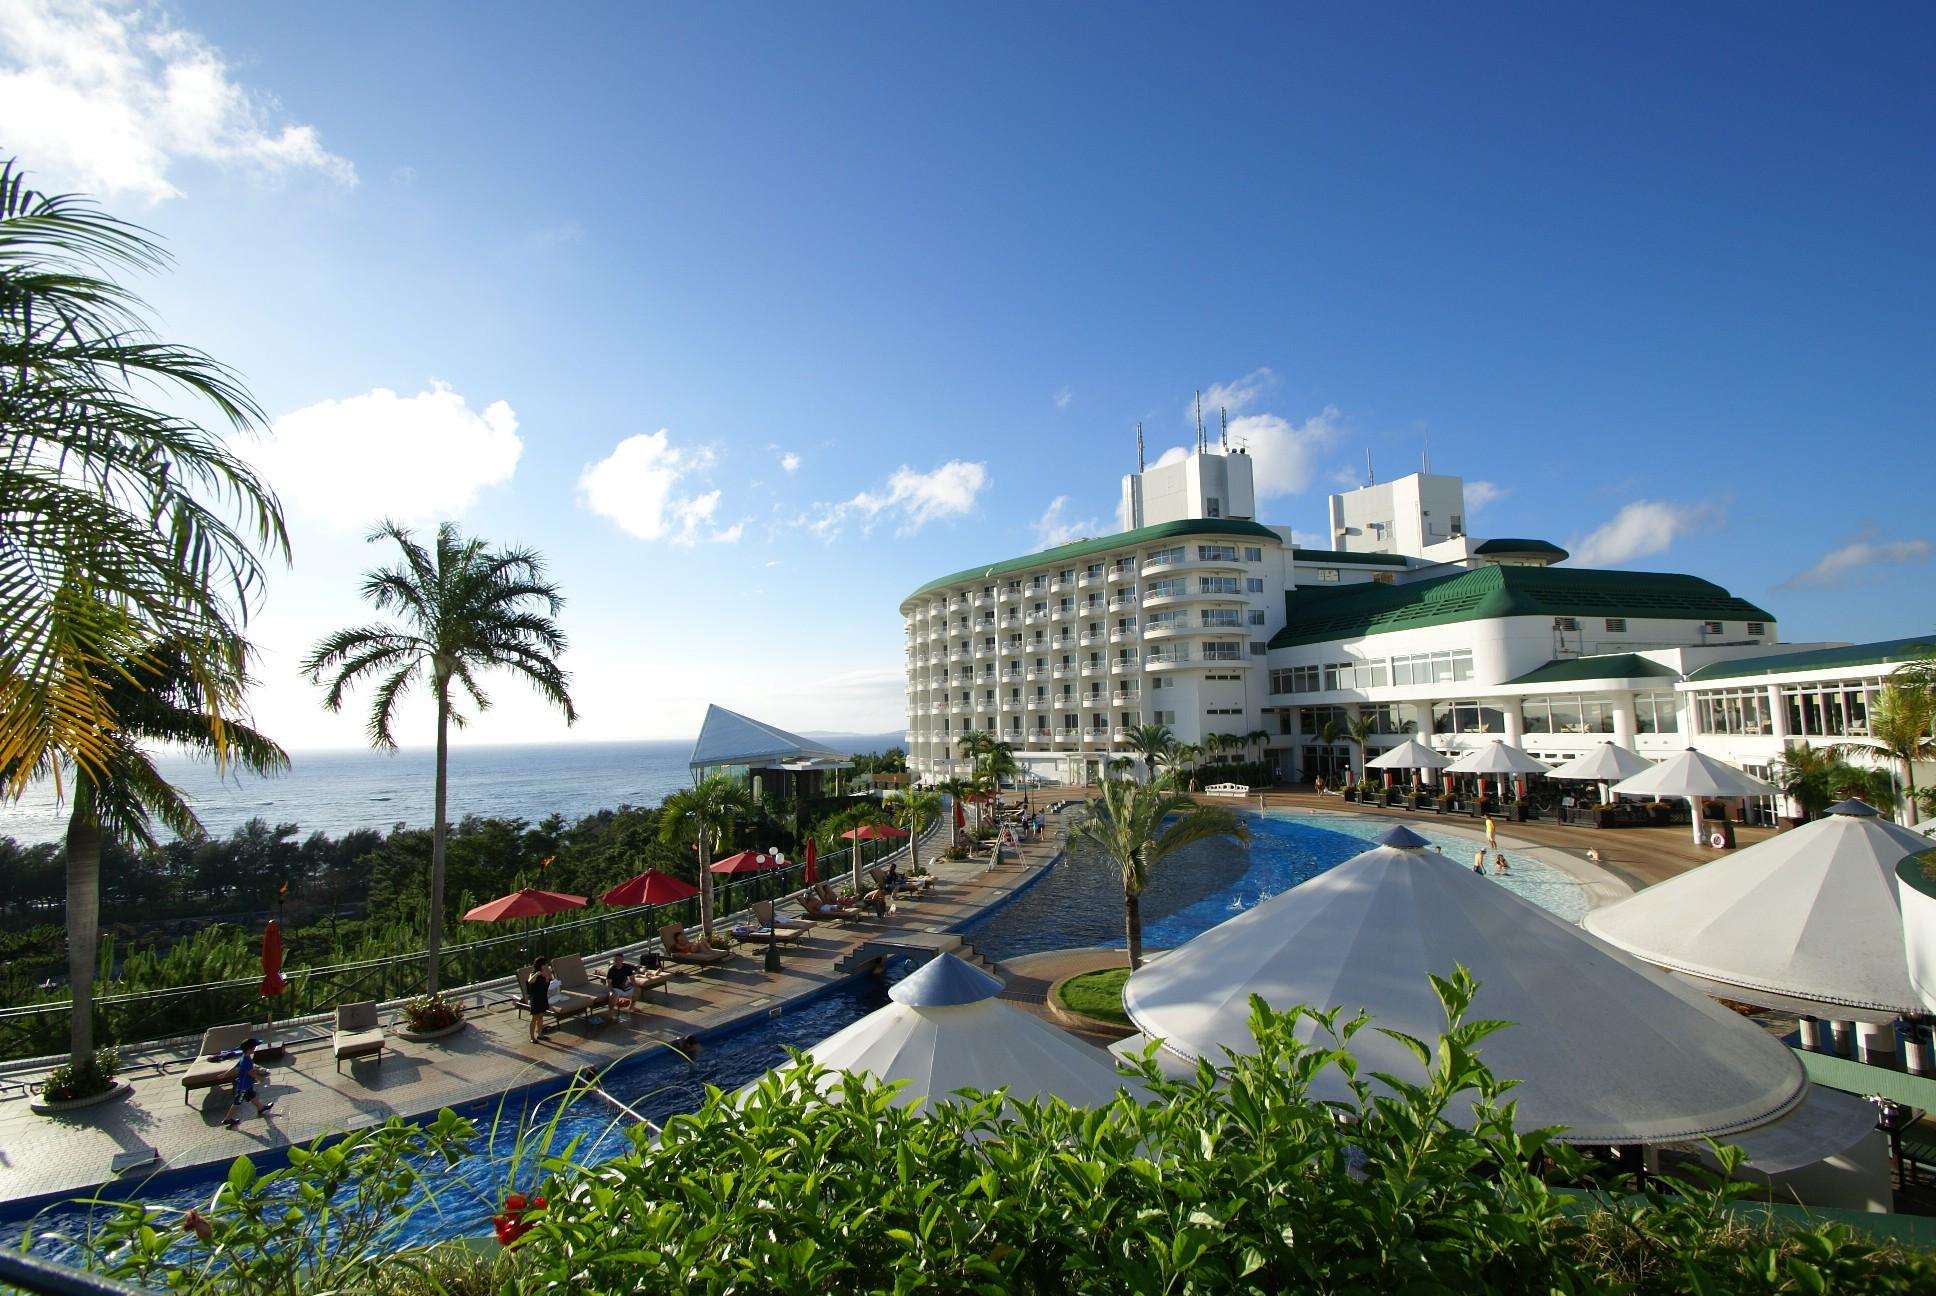 ビーチに海を望むプール、スパや2つの大浴場など施設充実の大型リゾート